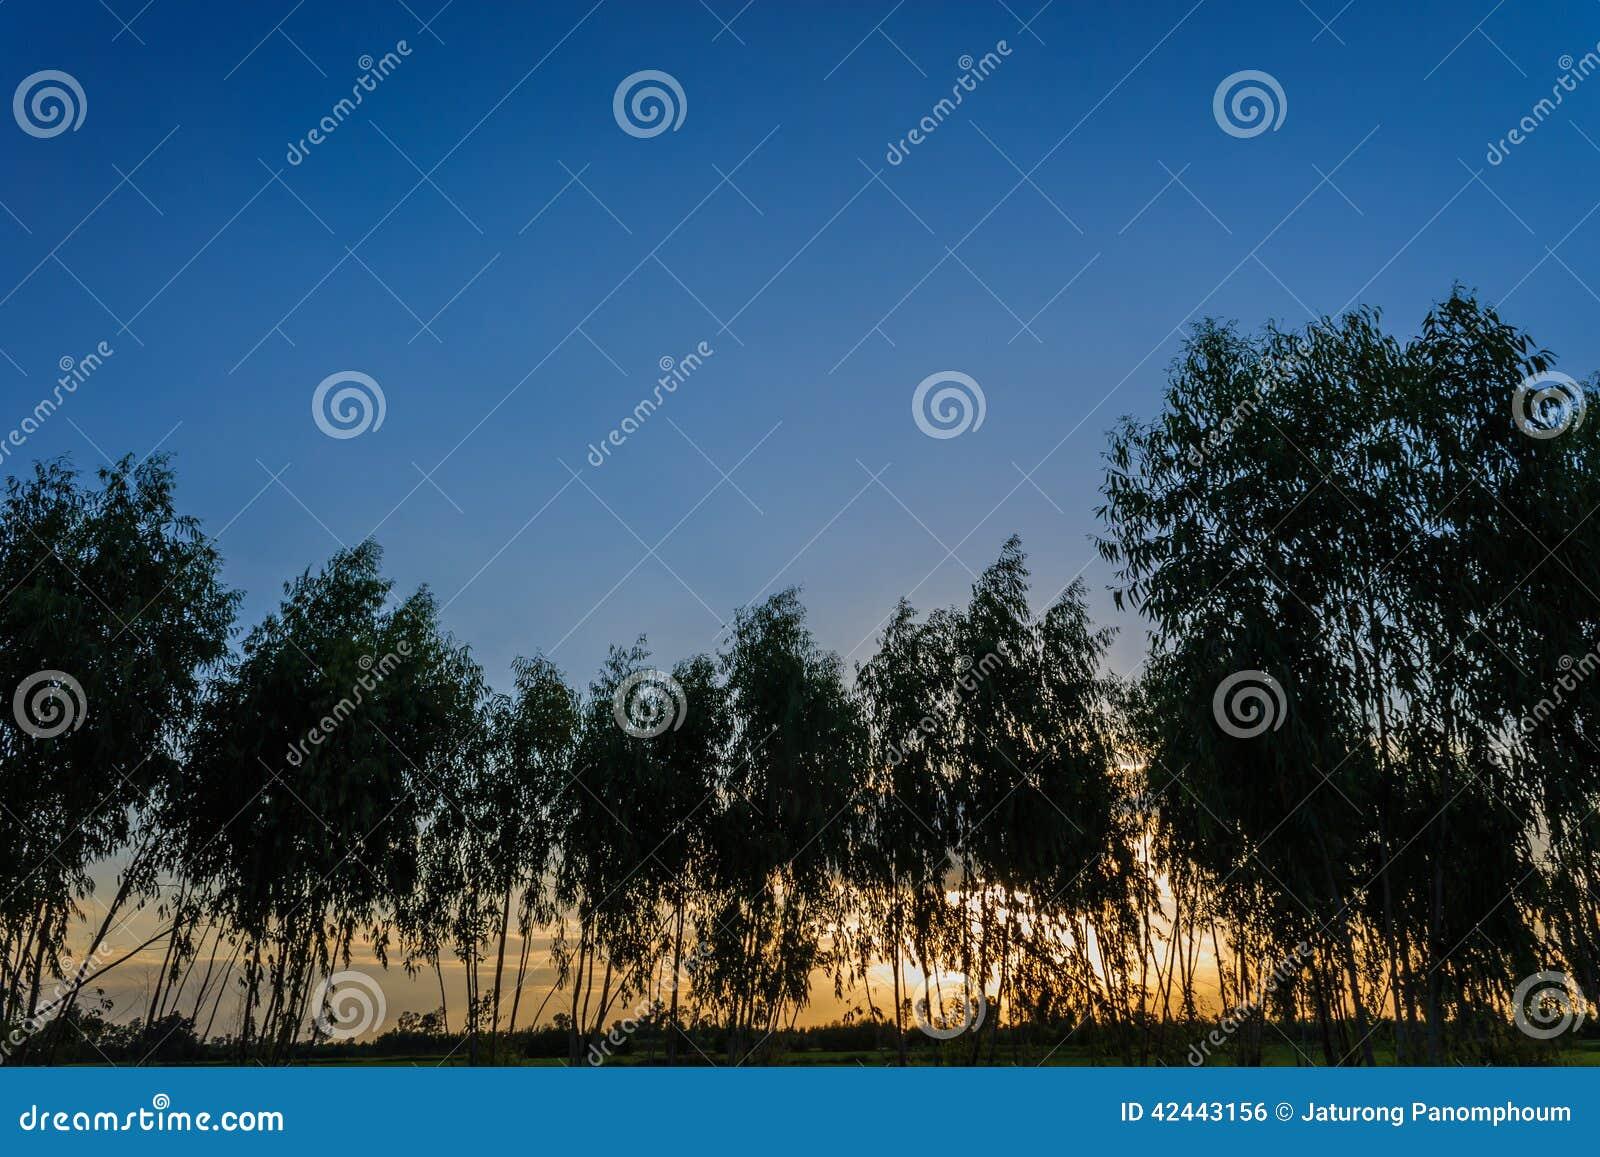 Silueta del eucalipto